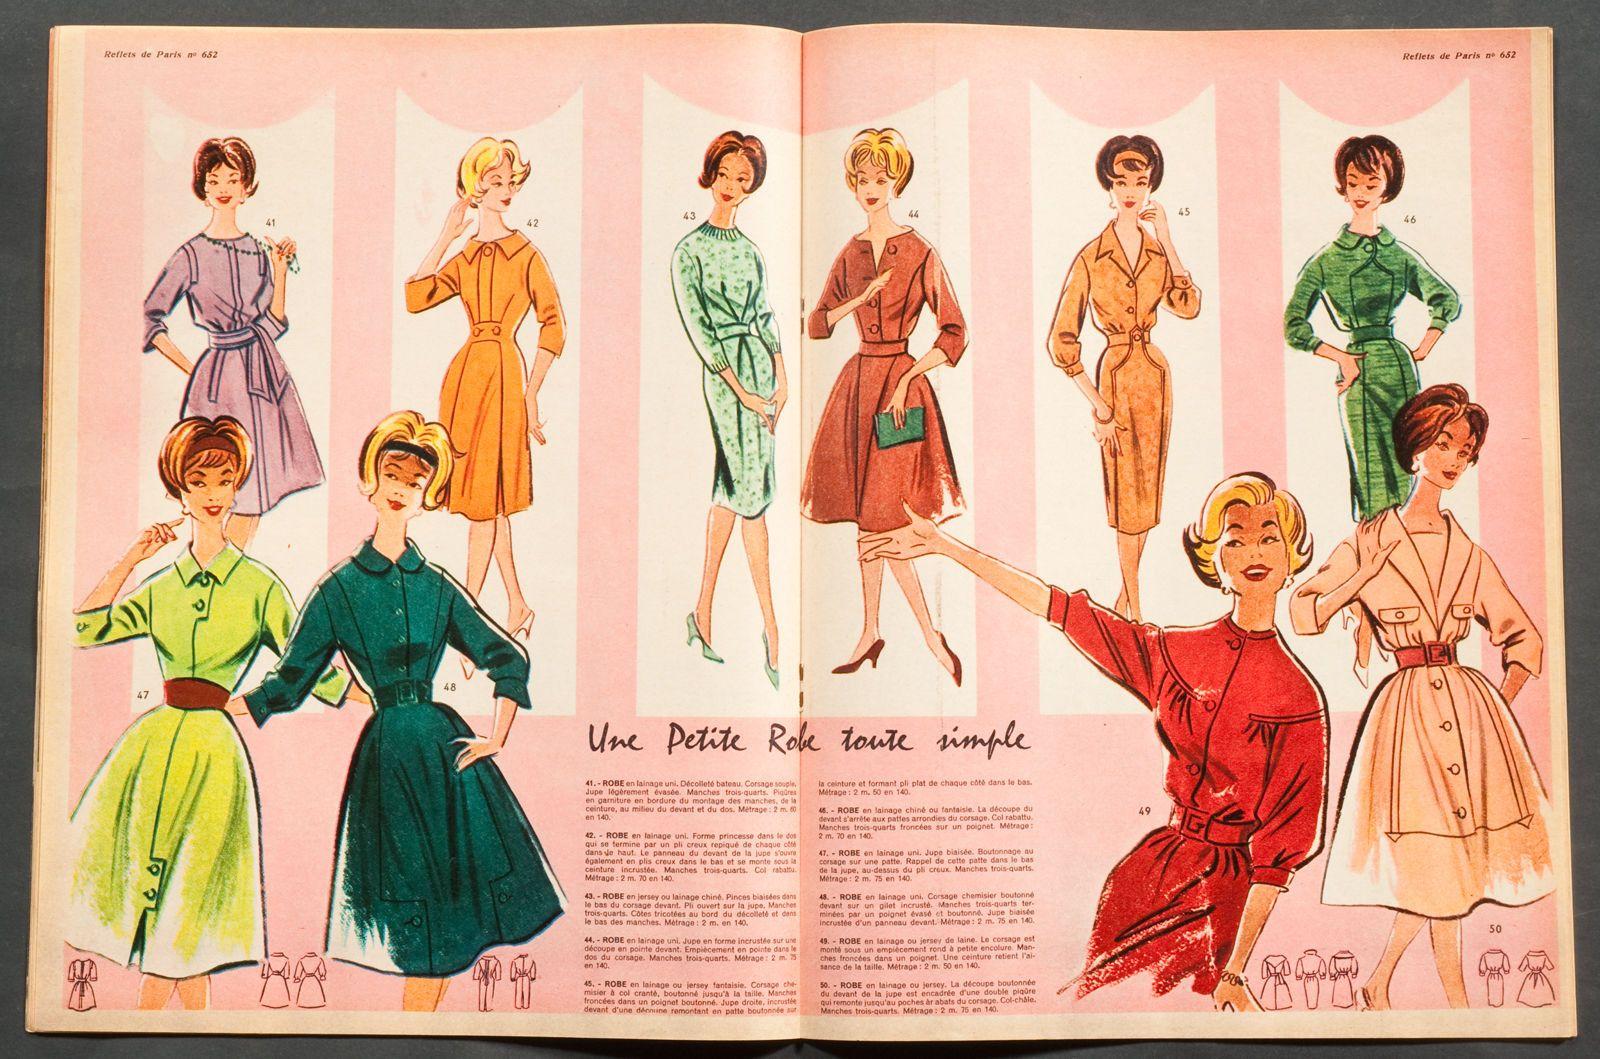 VOTRE MODE-REFLETS DE PARIS  FRENCH MAGAZINE COLLECTION ISSUE 27 AUGUST  1959   eBay 7b808235dc6